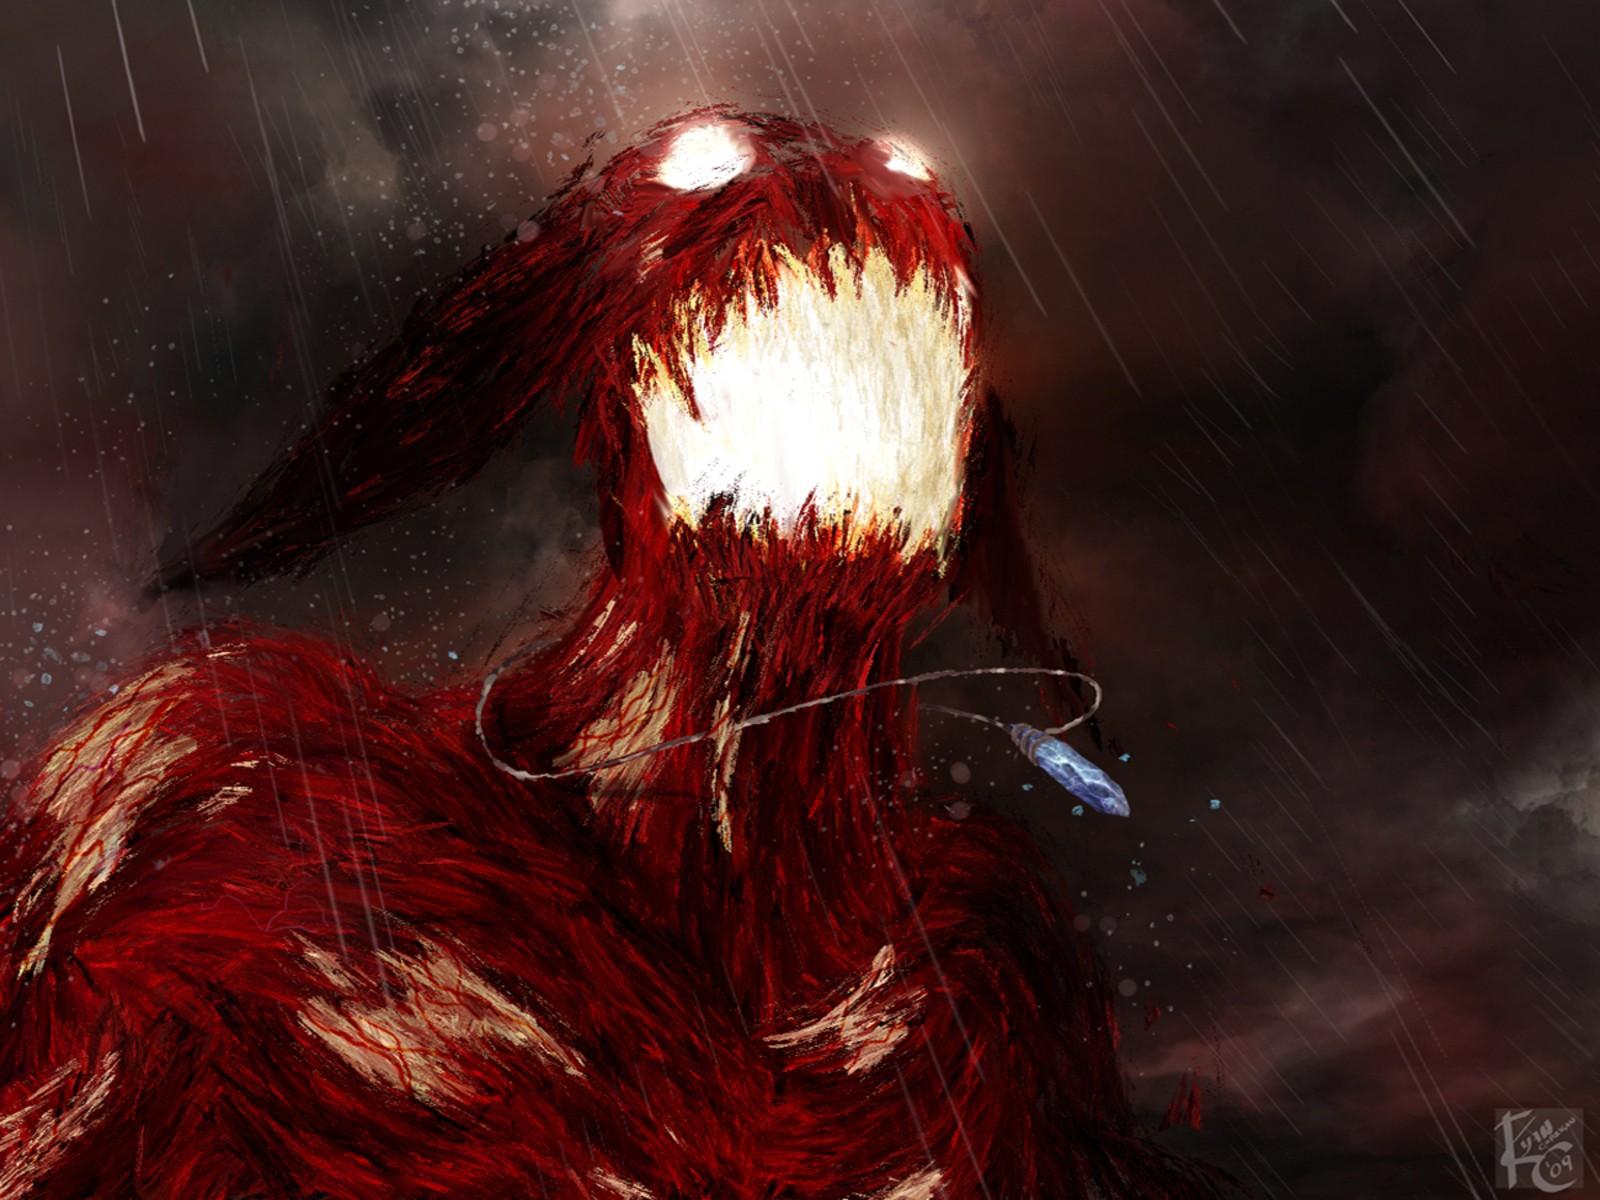 Beautiful Wallpaper Naruto Red - anime_Naruto_Shippuuden_Uzumaki_Naruto_Kyuubi-88822  Picture_105156.jpg!d